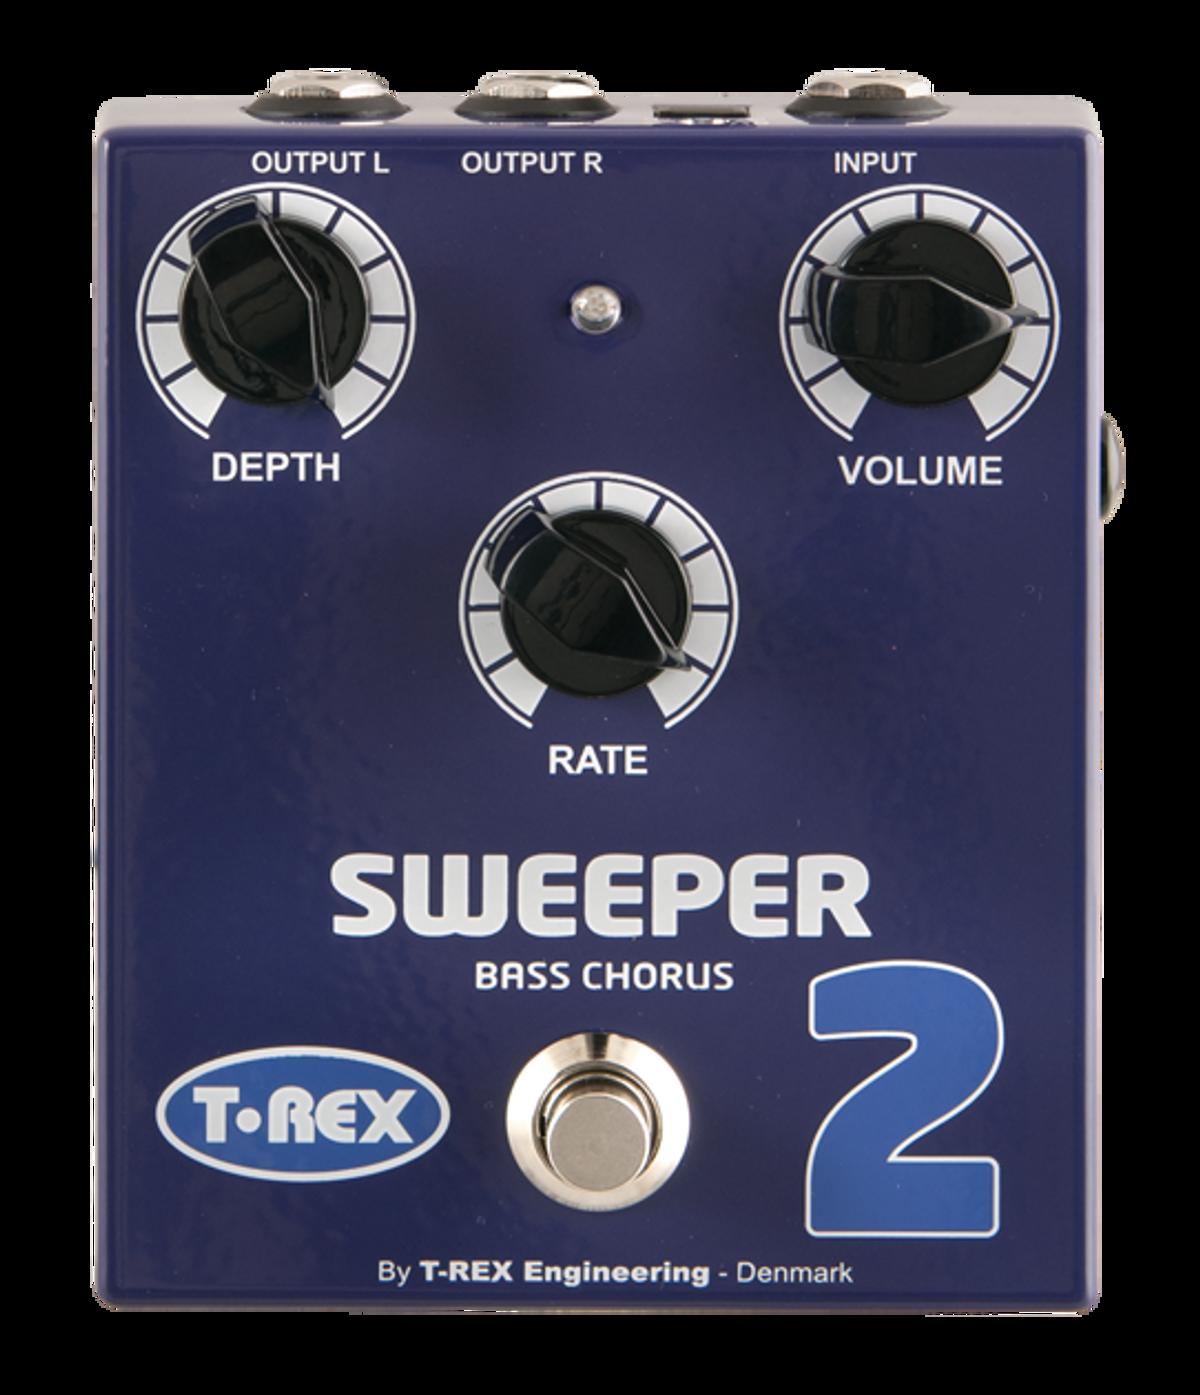 T-Rex Sweeper 2 Bass Chorus Pedal Review